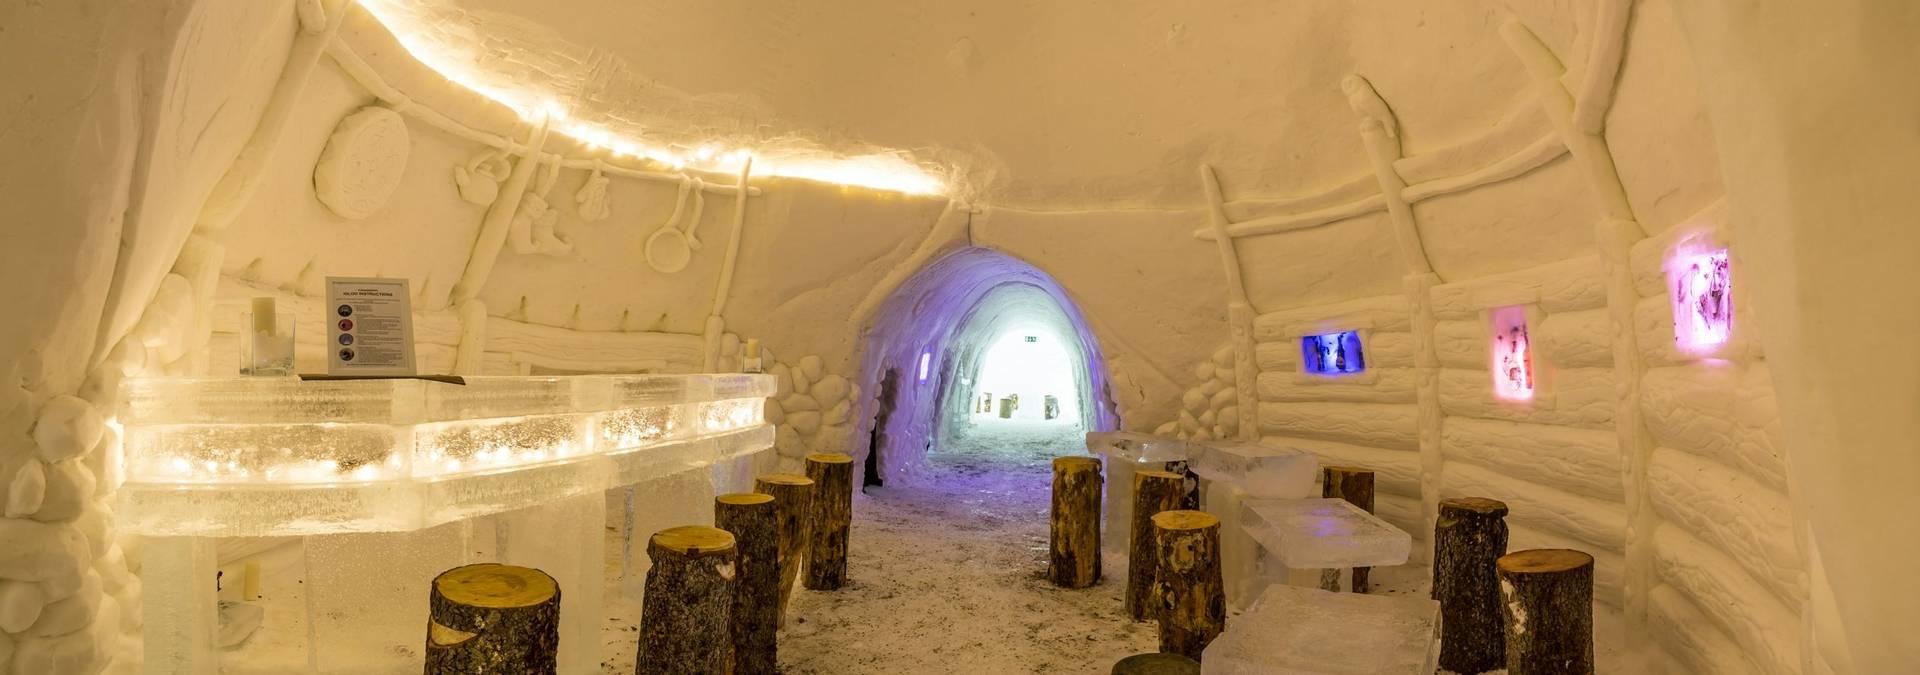 Torassieppi Winter Village 3   Credit Matt Robinson